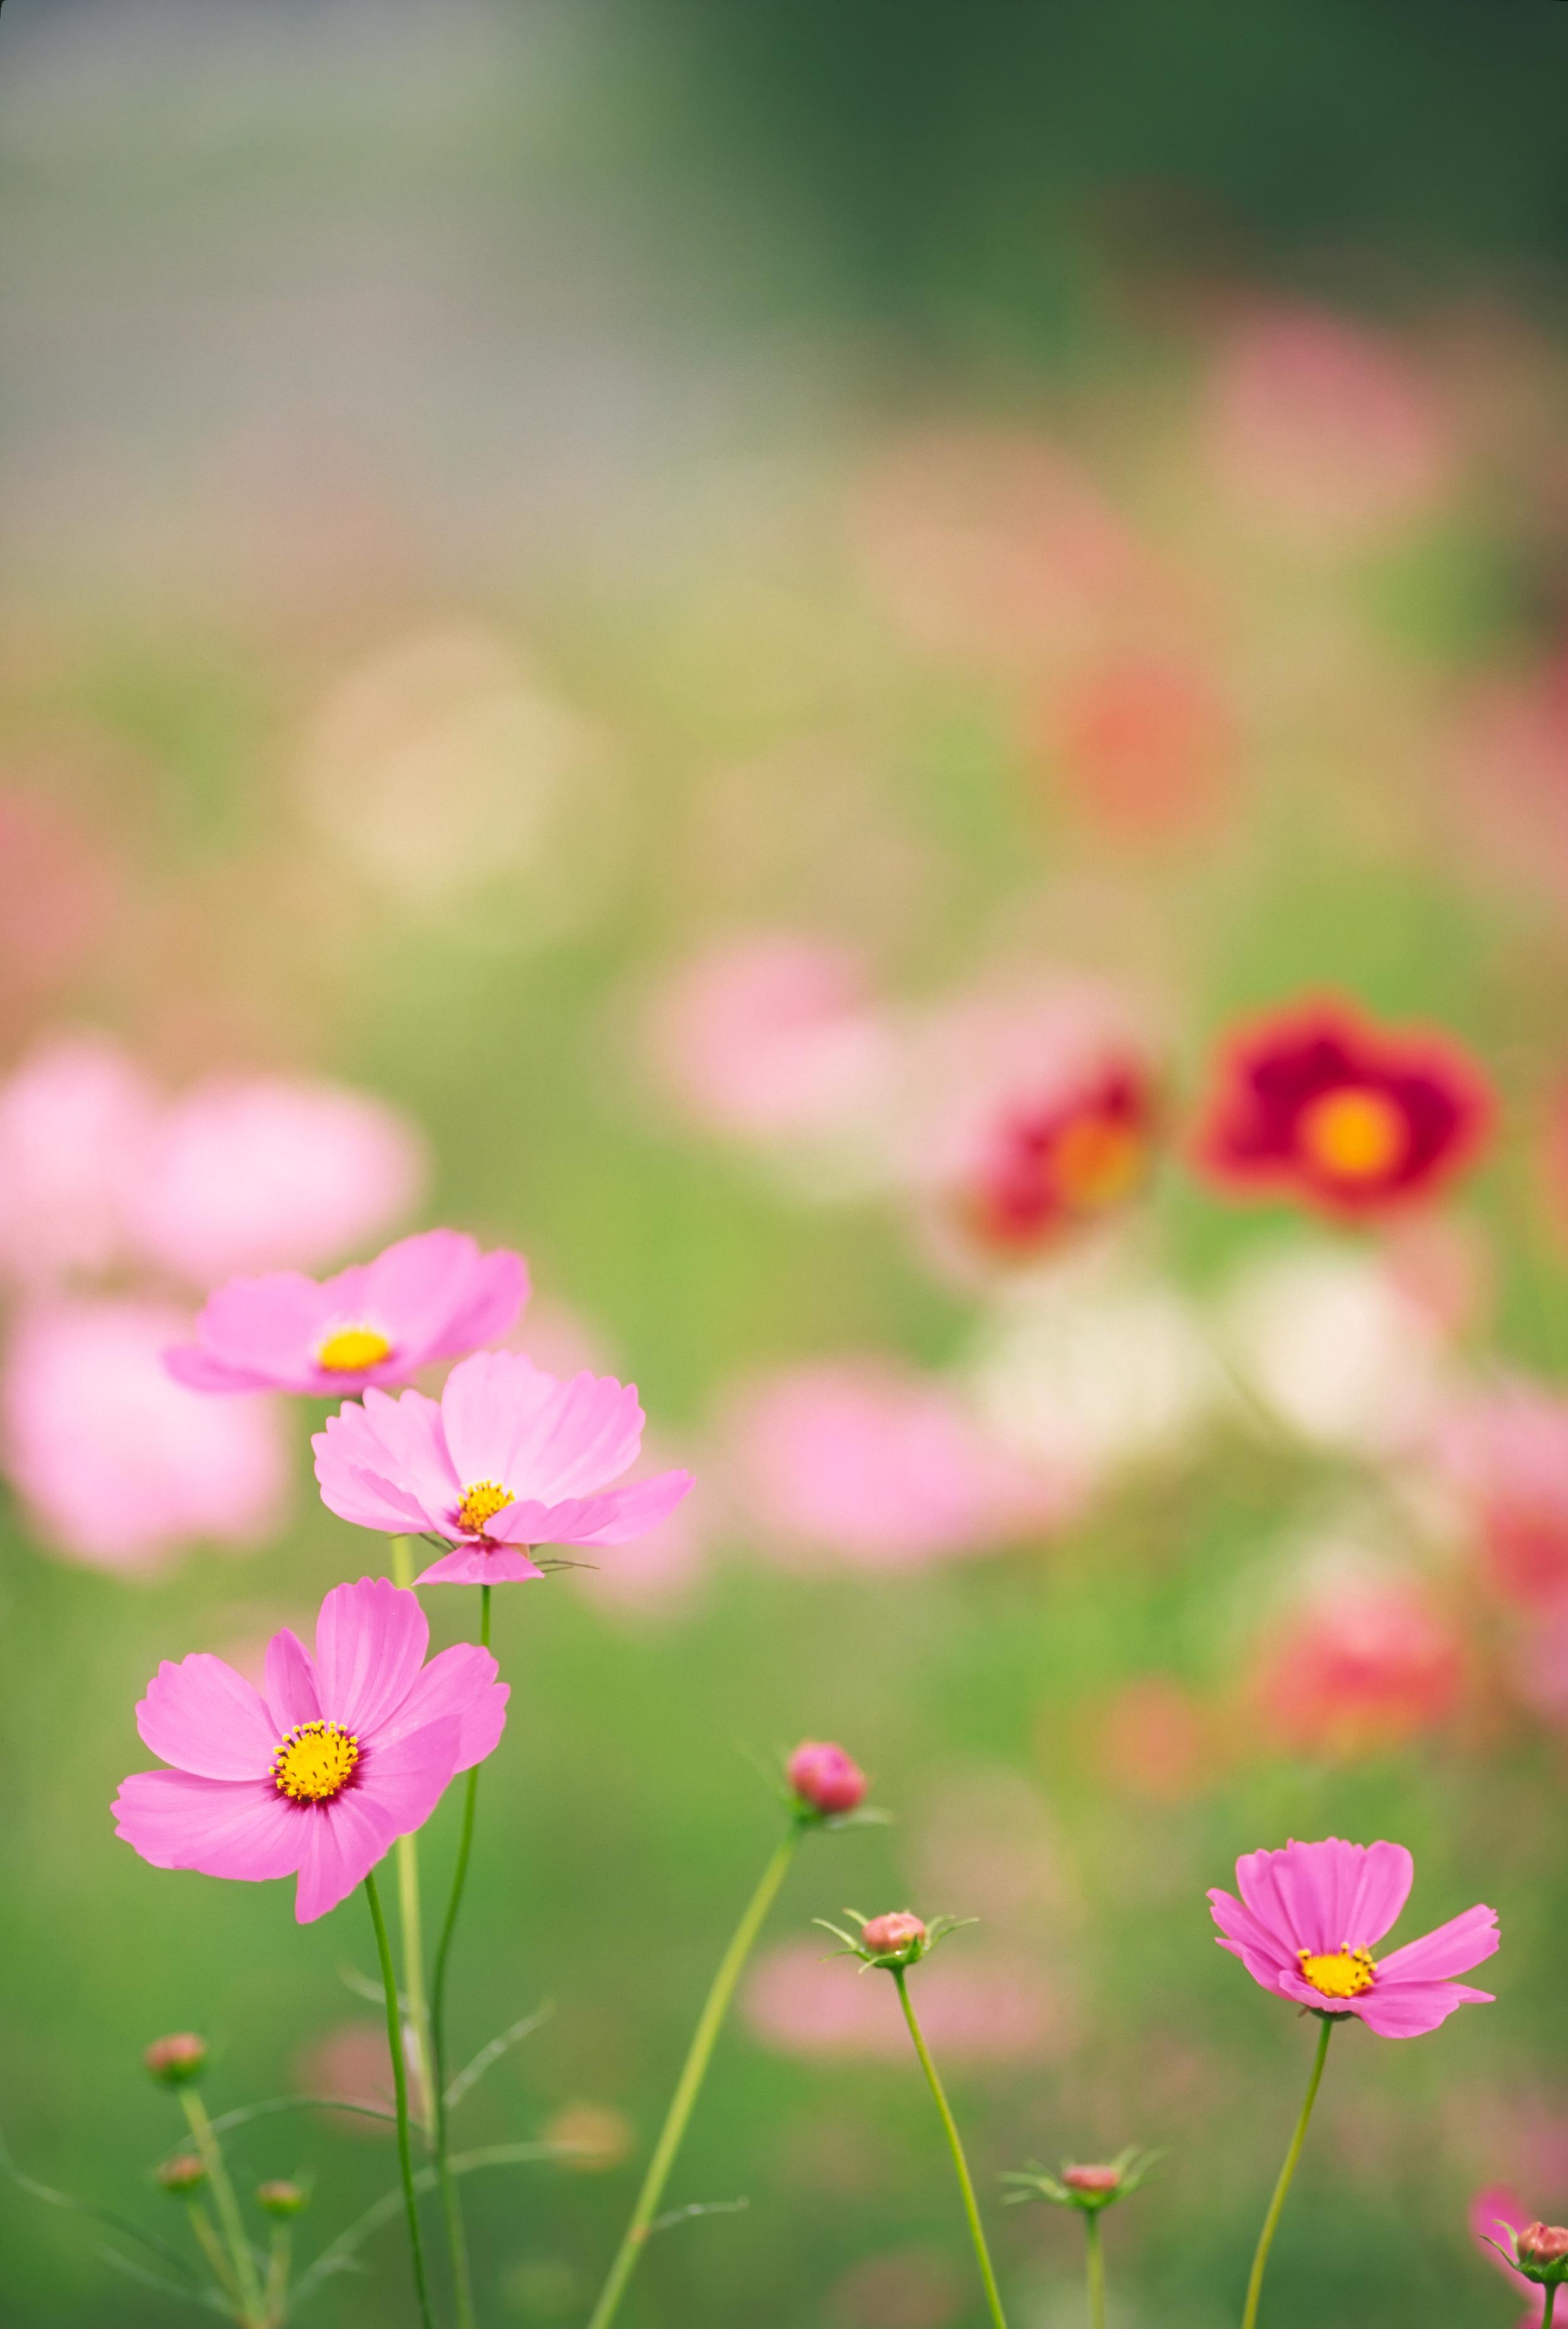 Flowers 9049614_Full.jpg